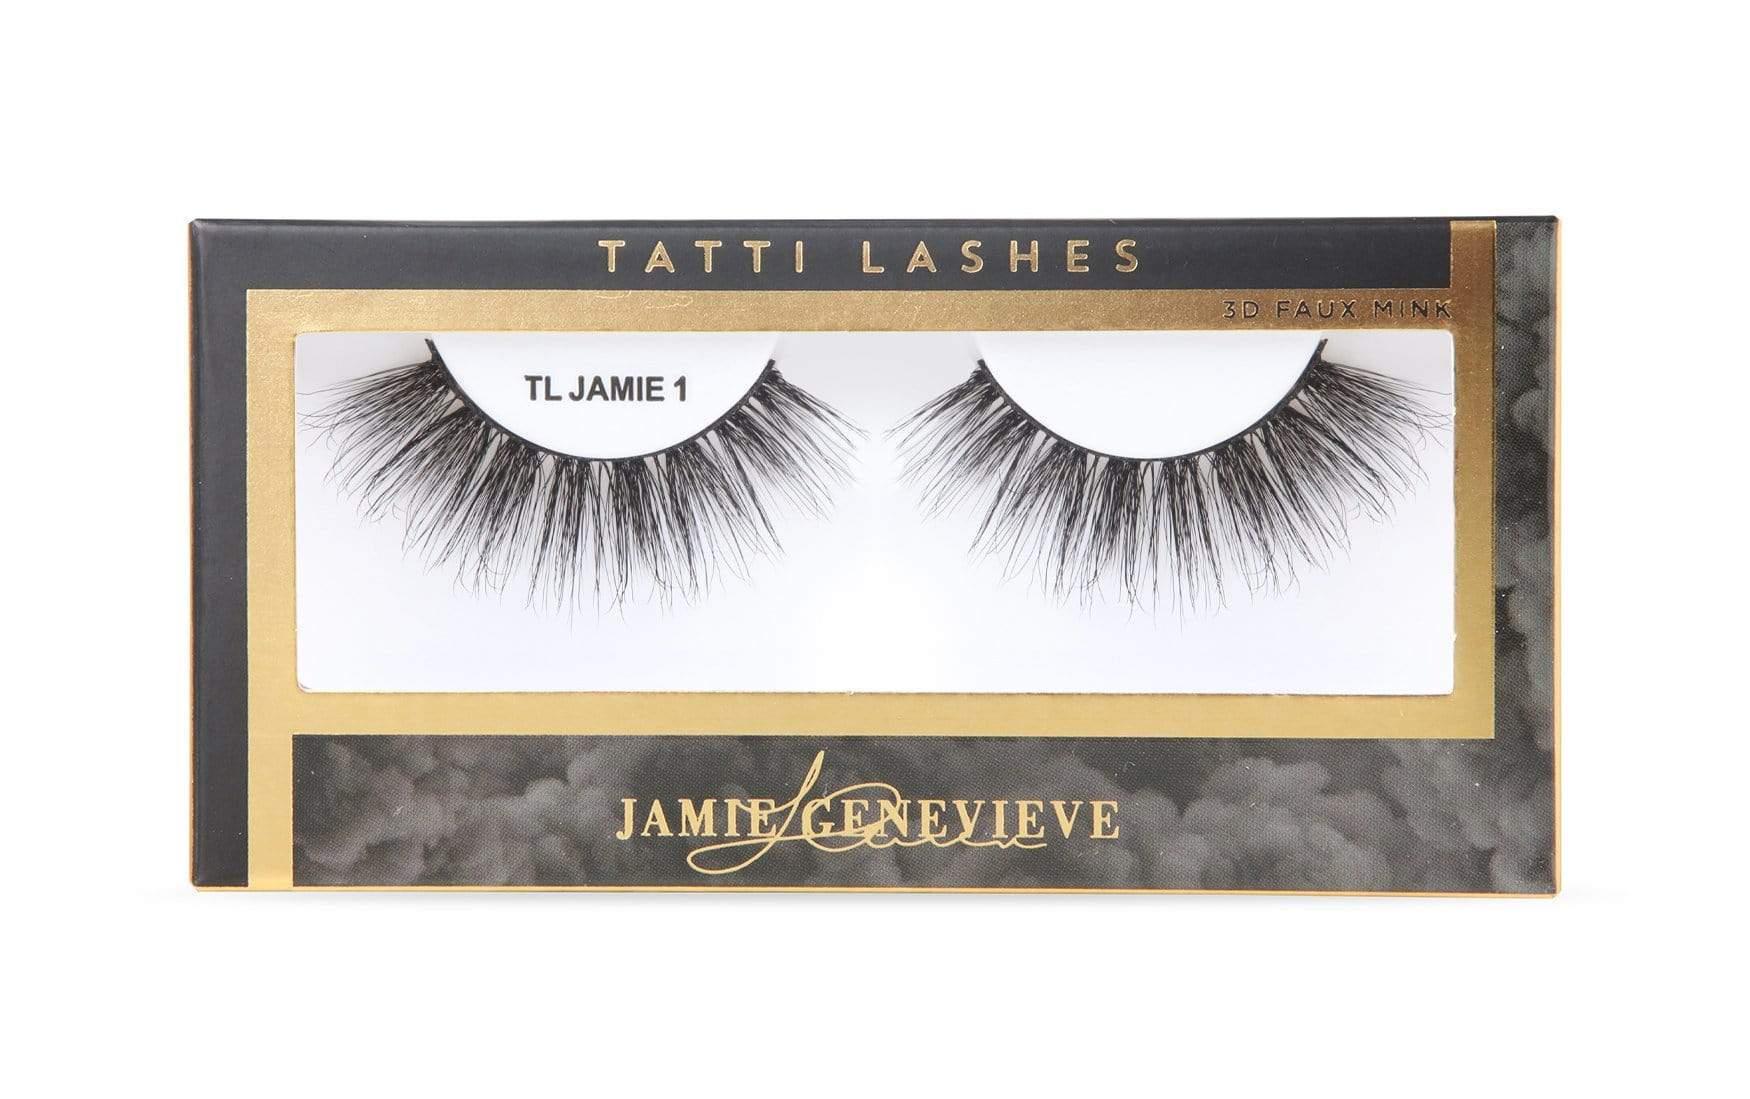 TATTI LASHES TL JAMIE 1